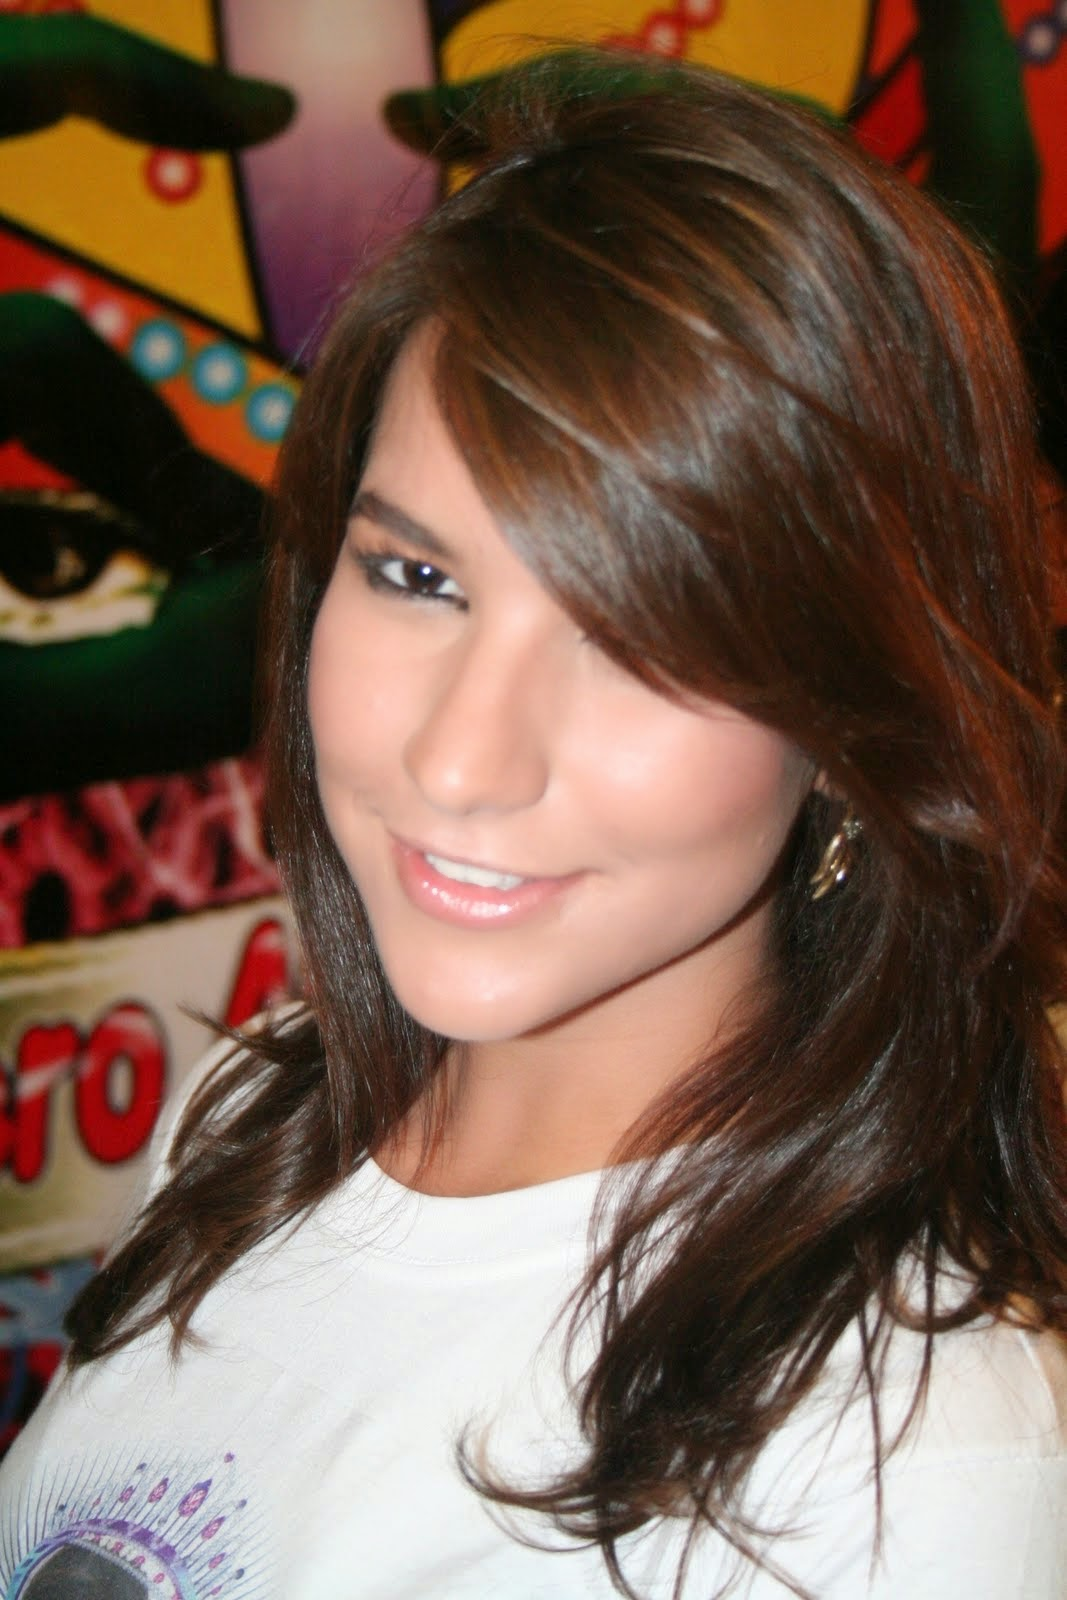 Linda chica Facebook de Bellas Mujeres.